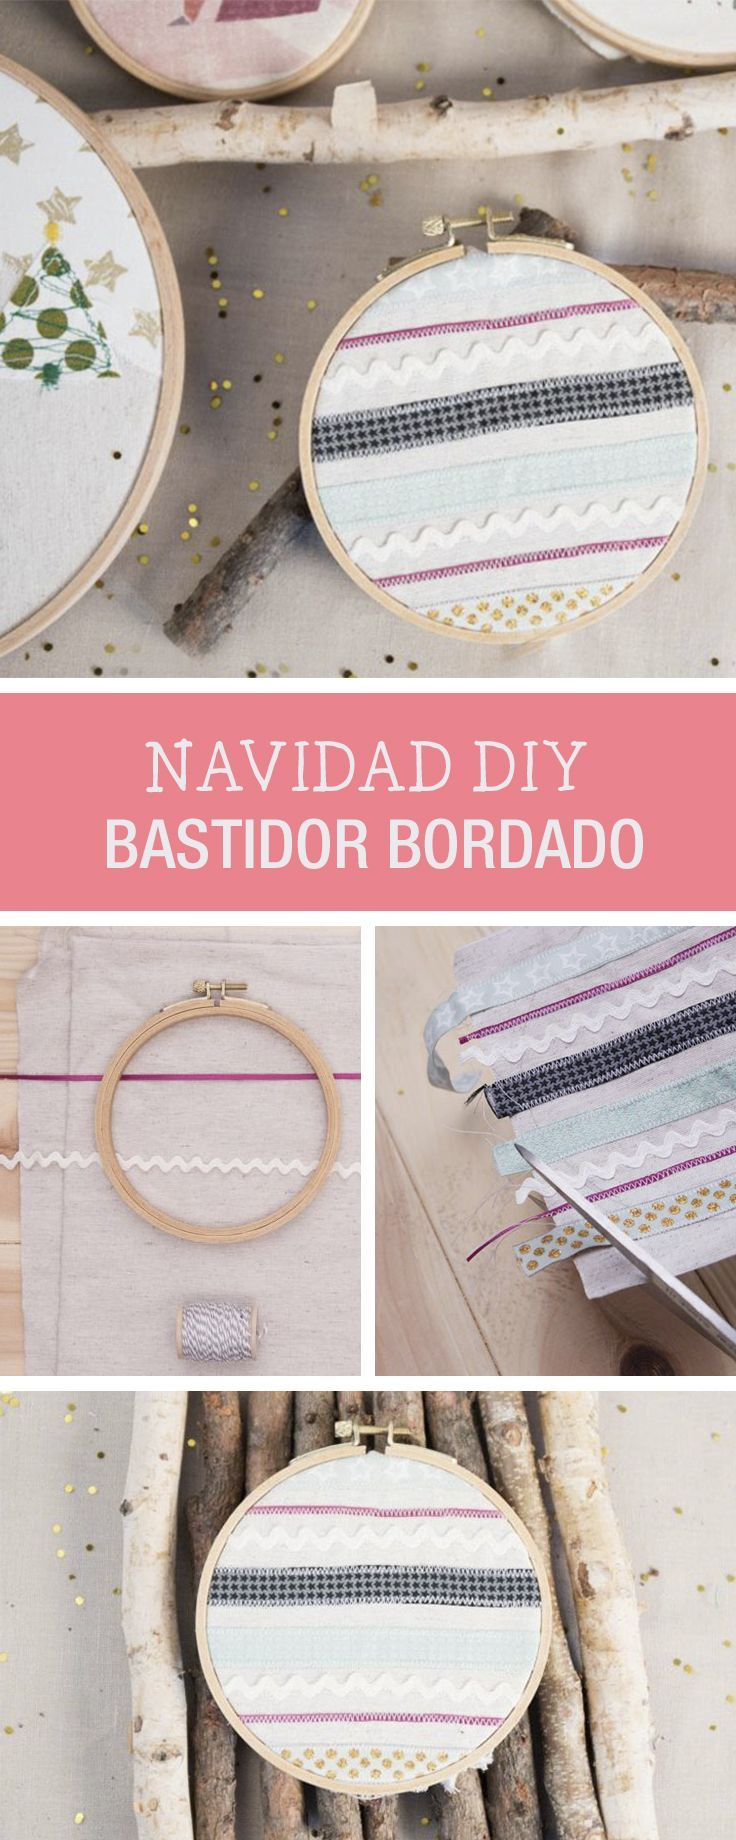 Tutoriales DIY: Cómo bordar un bastidor con decoración navideña vía ...